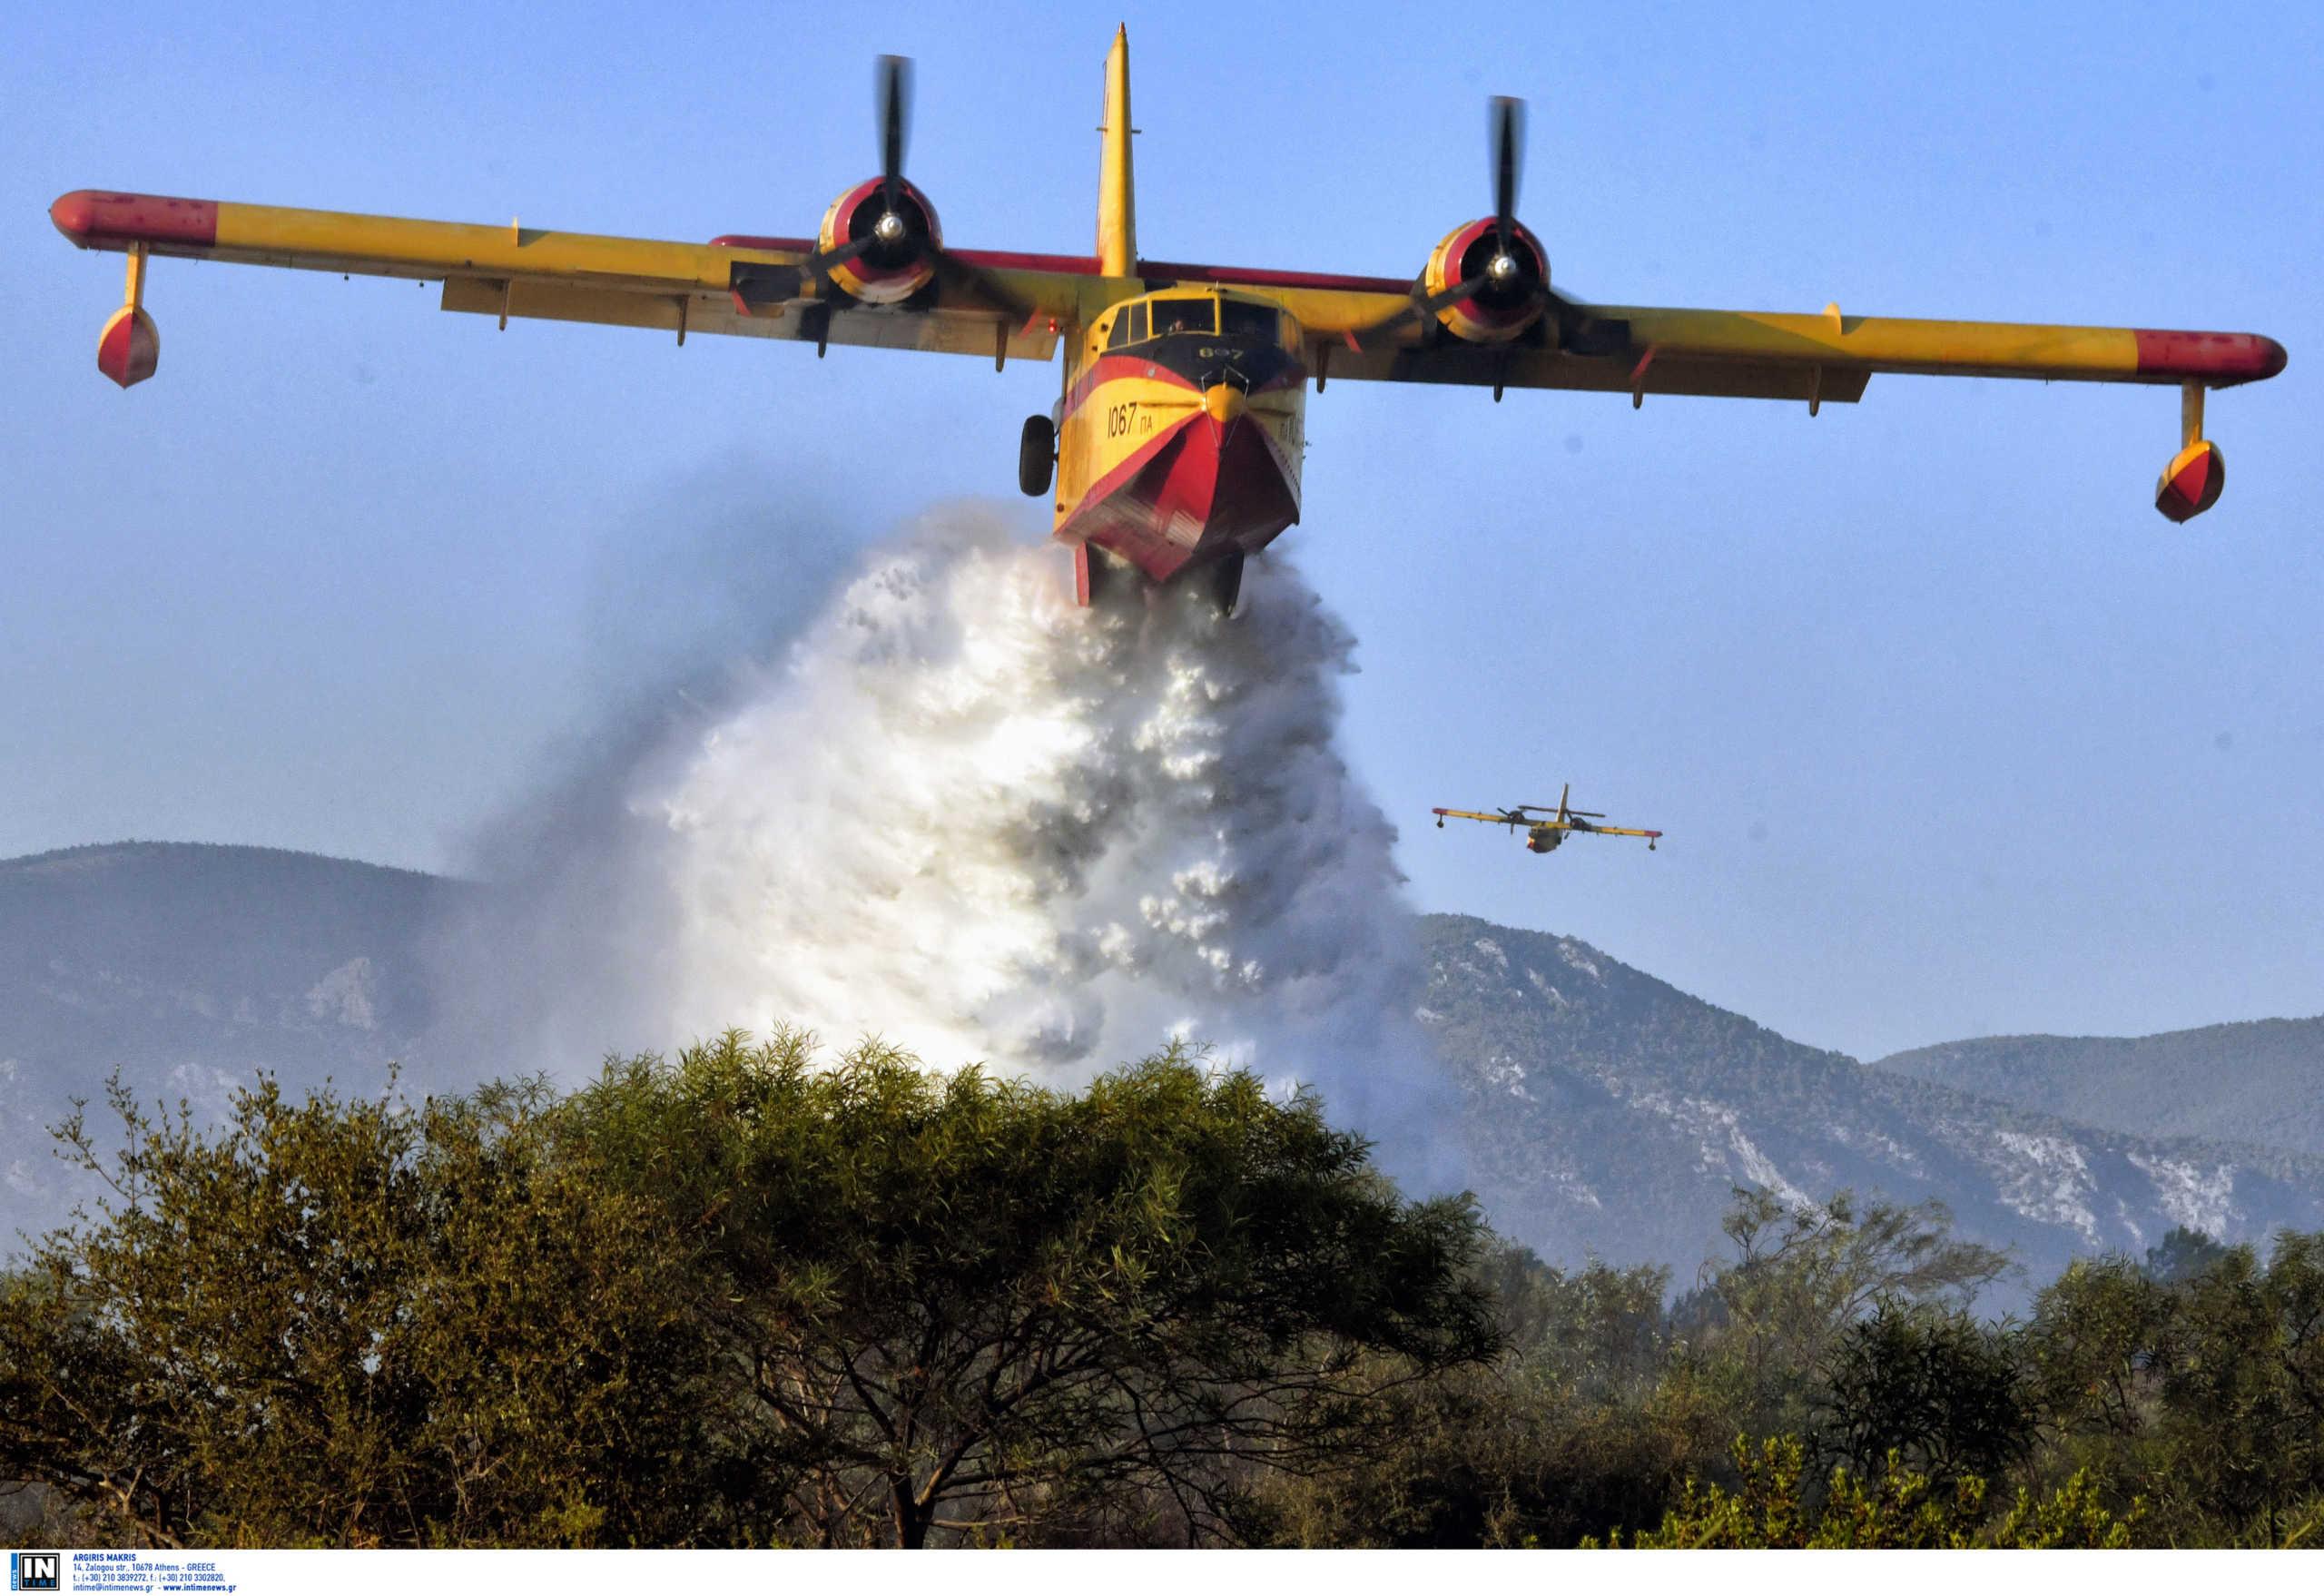 Που θα είναι μεγάλος ο κίνδυνος για φωτιές την Τετάρτη